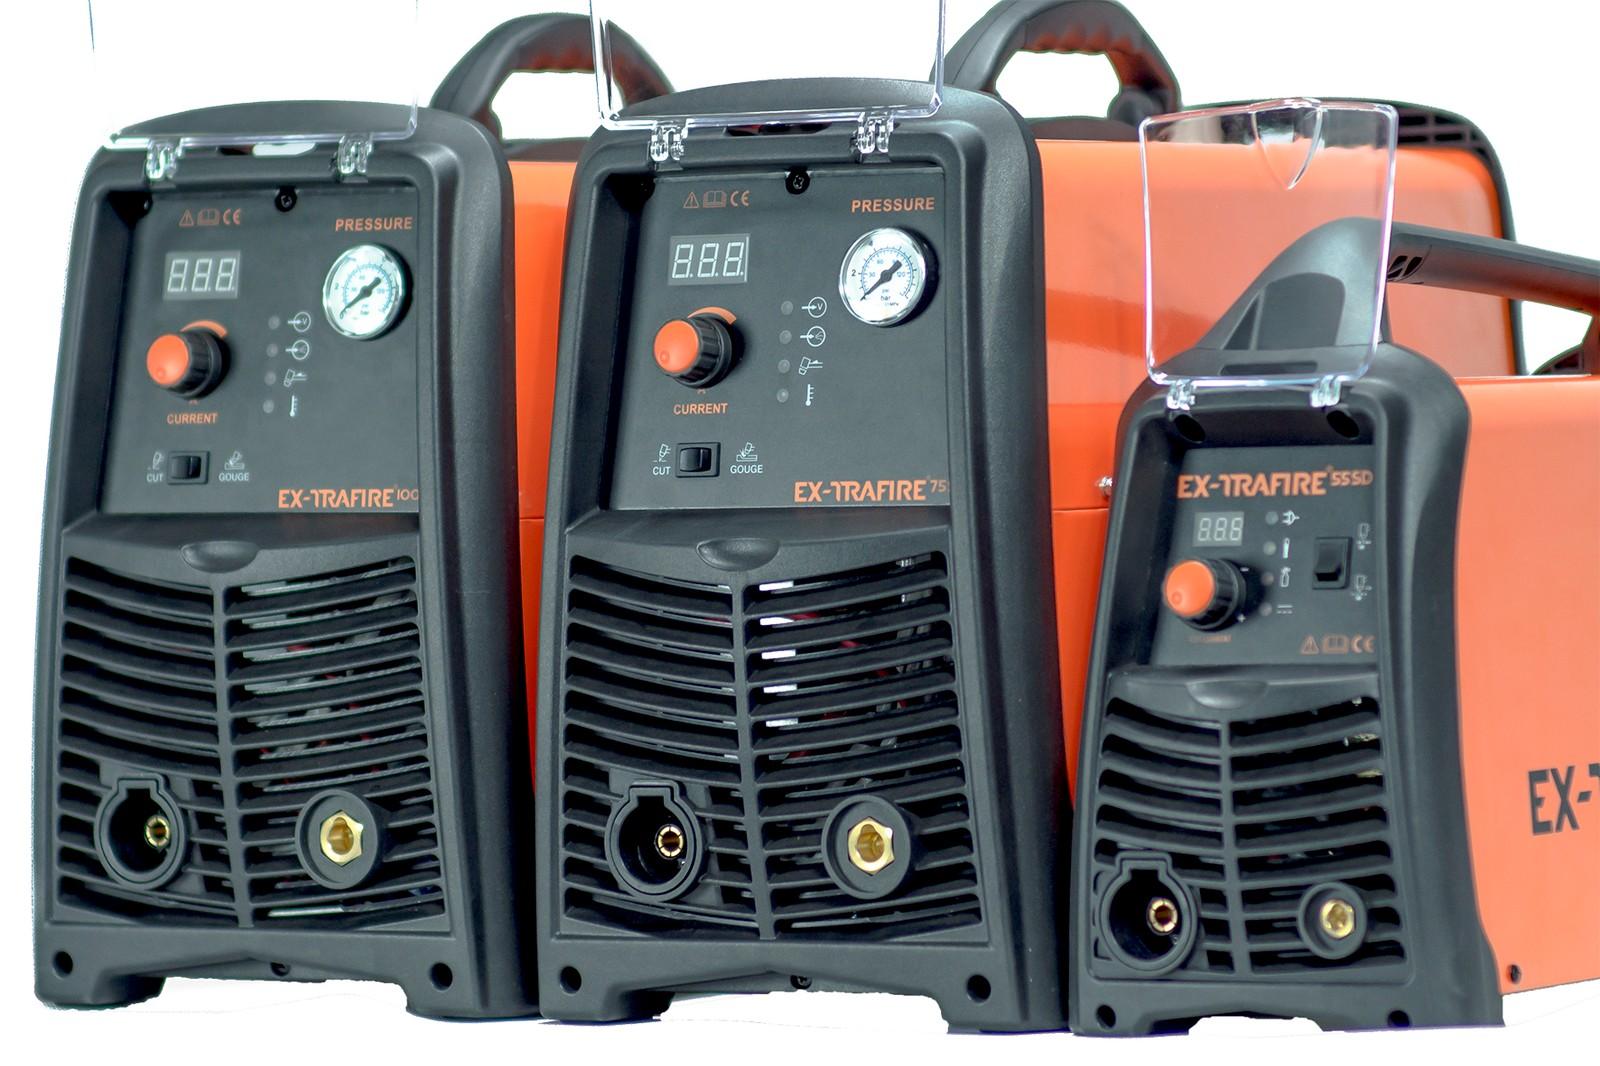 Die Plasmaschneidgeräte der Ex-Trafire-HD-Serie sind abgestimmt auf Anwendungen im industriellen Bereich